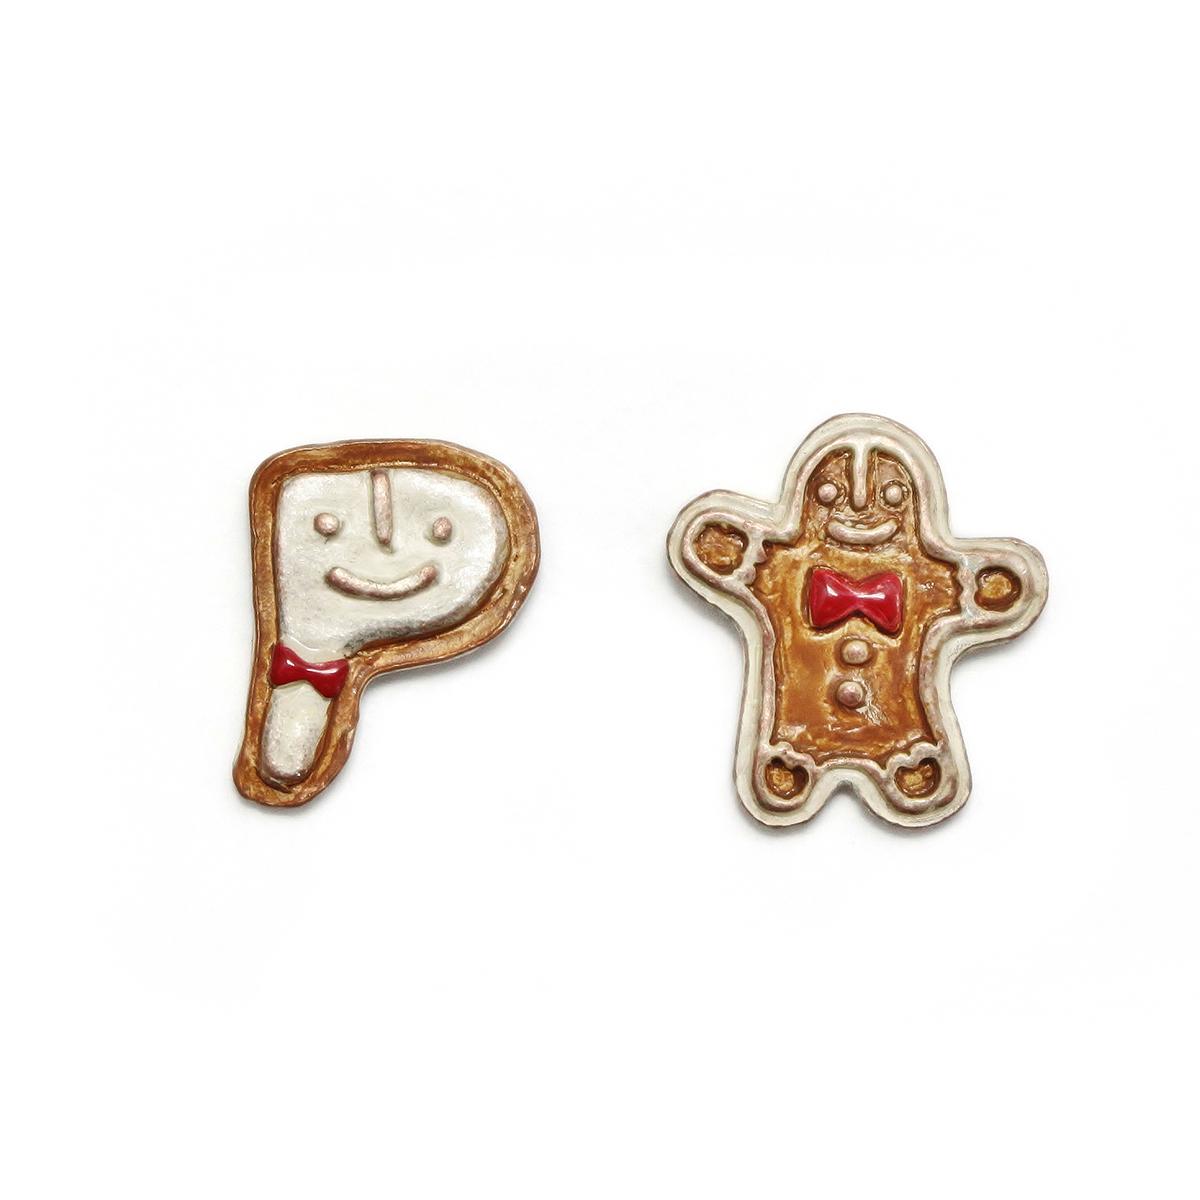 ジンジャークッキー / ピアス